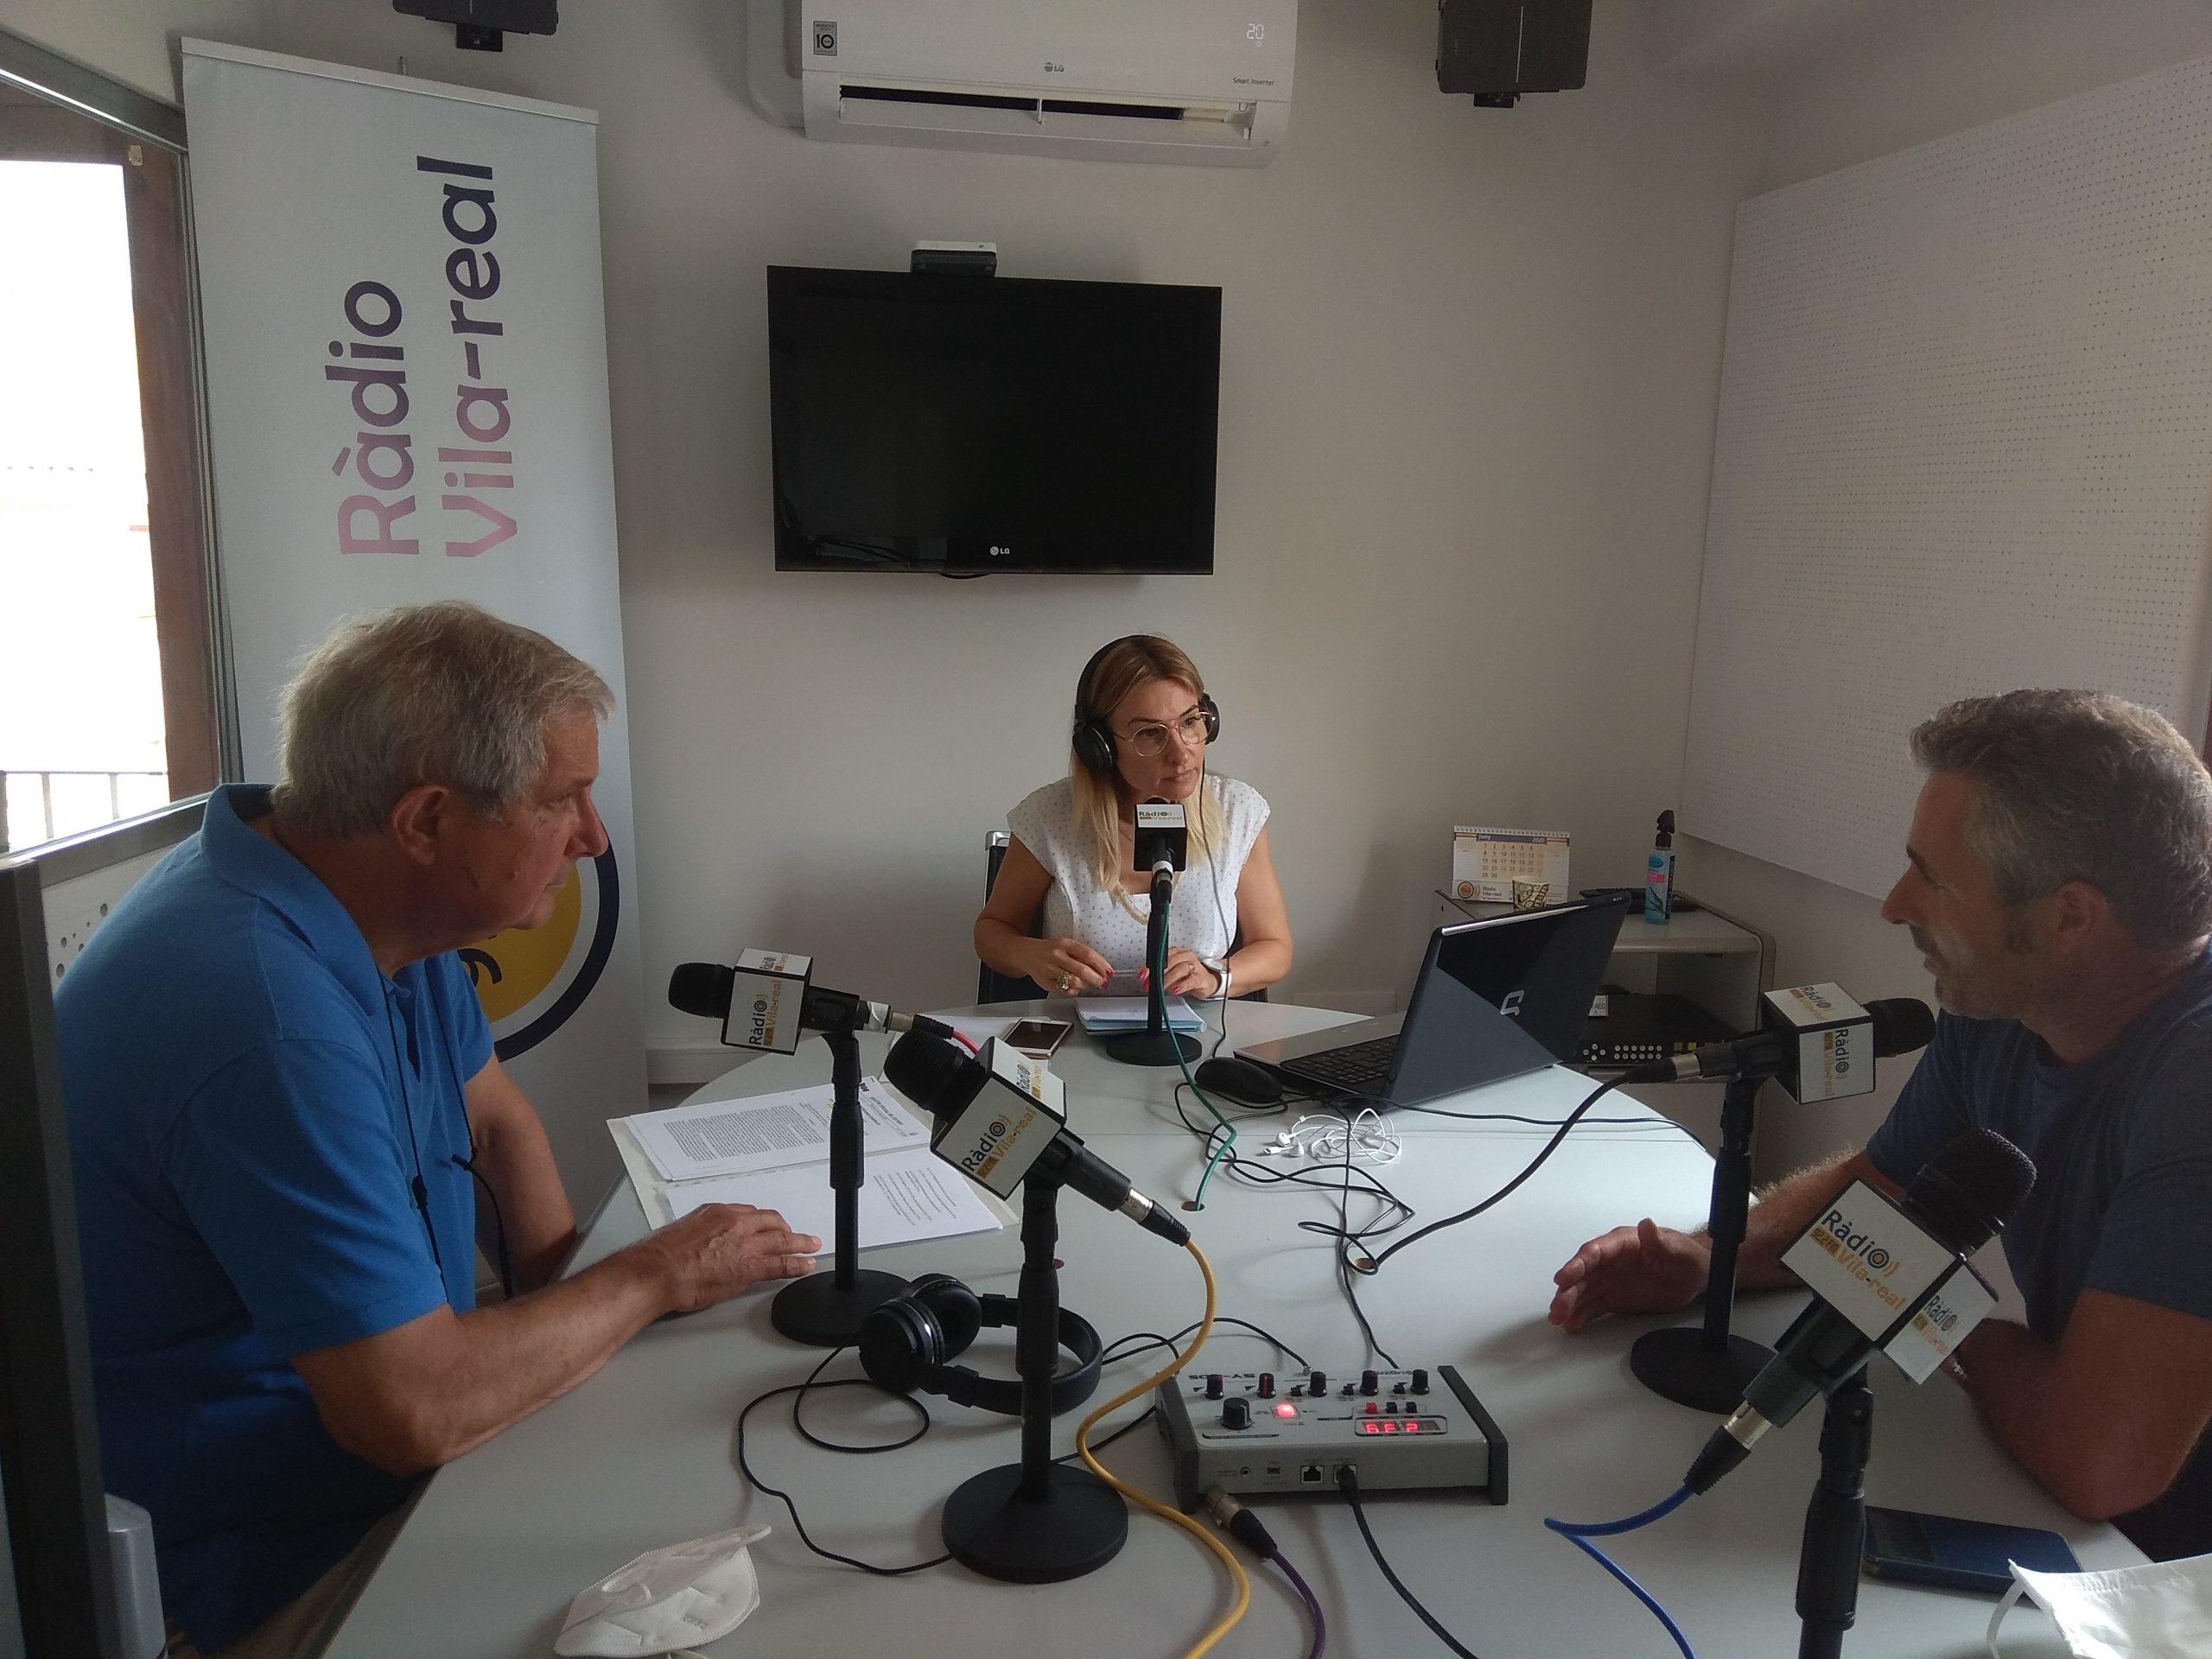 Entrevista al vicepresidente y secretario de ALIV, Pep Llop y Pascual Albiol